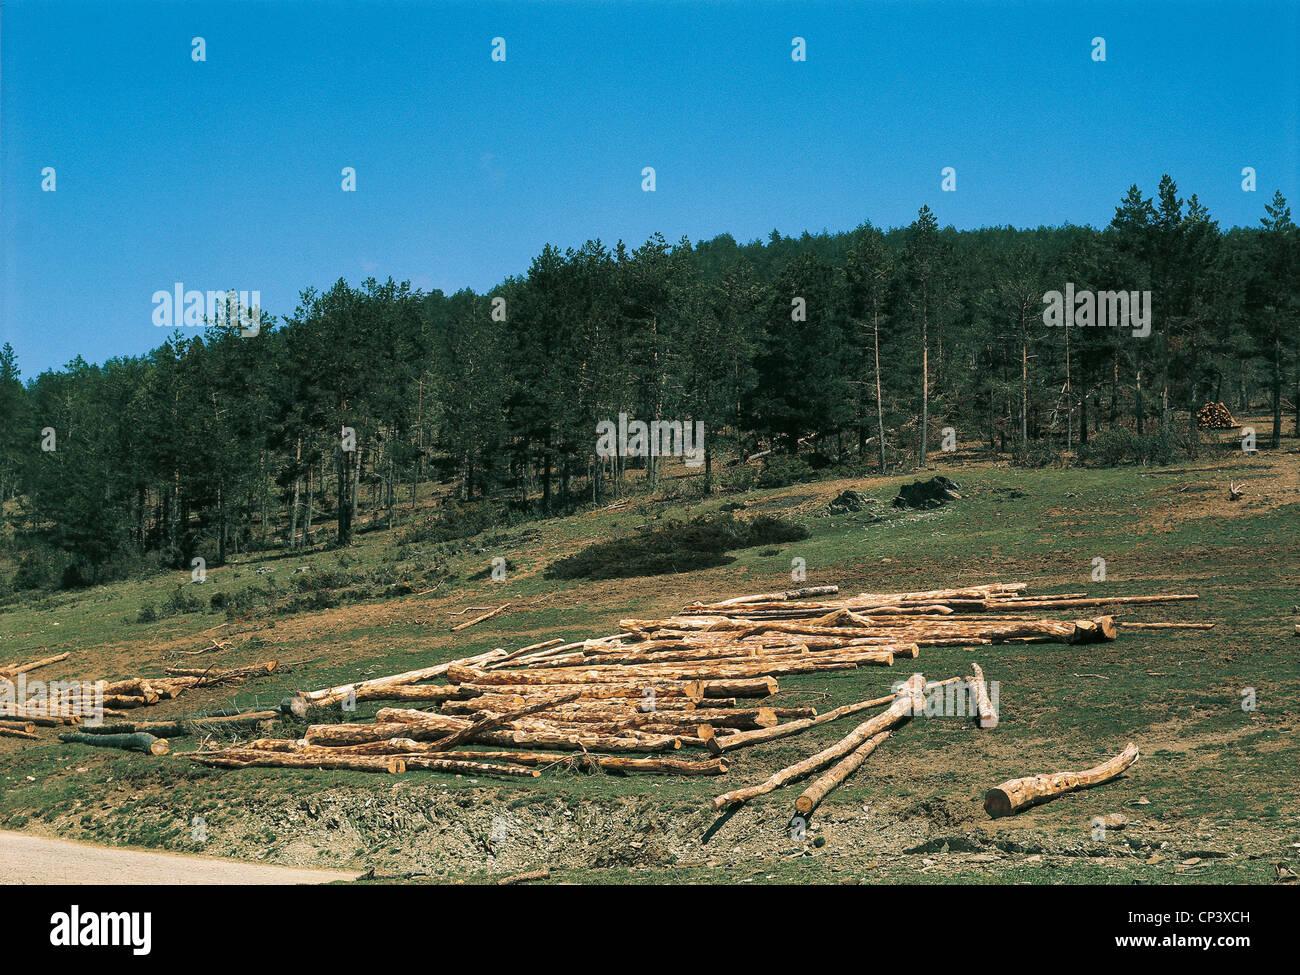 España Aragón Sierra de Albarracín LA DEFORESTACIÓN Imagen De Stock